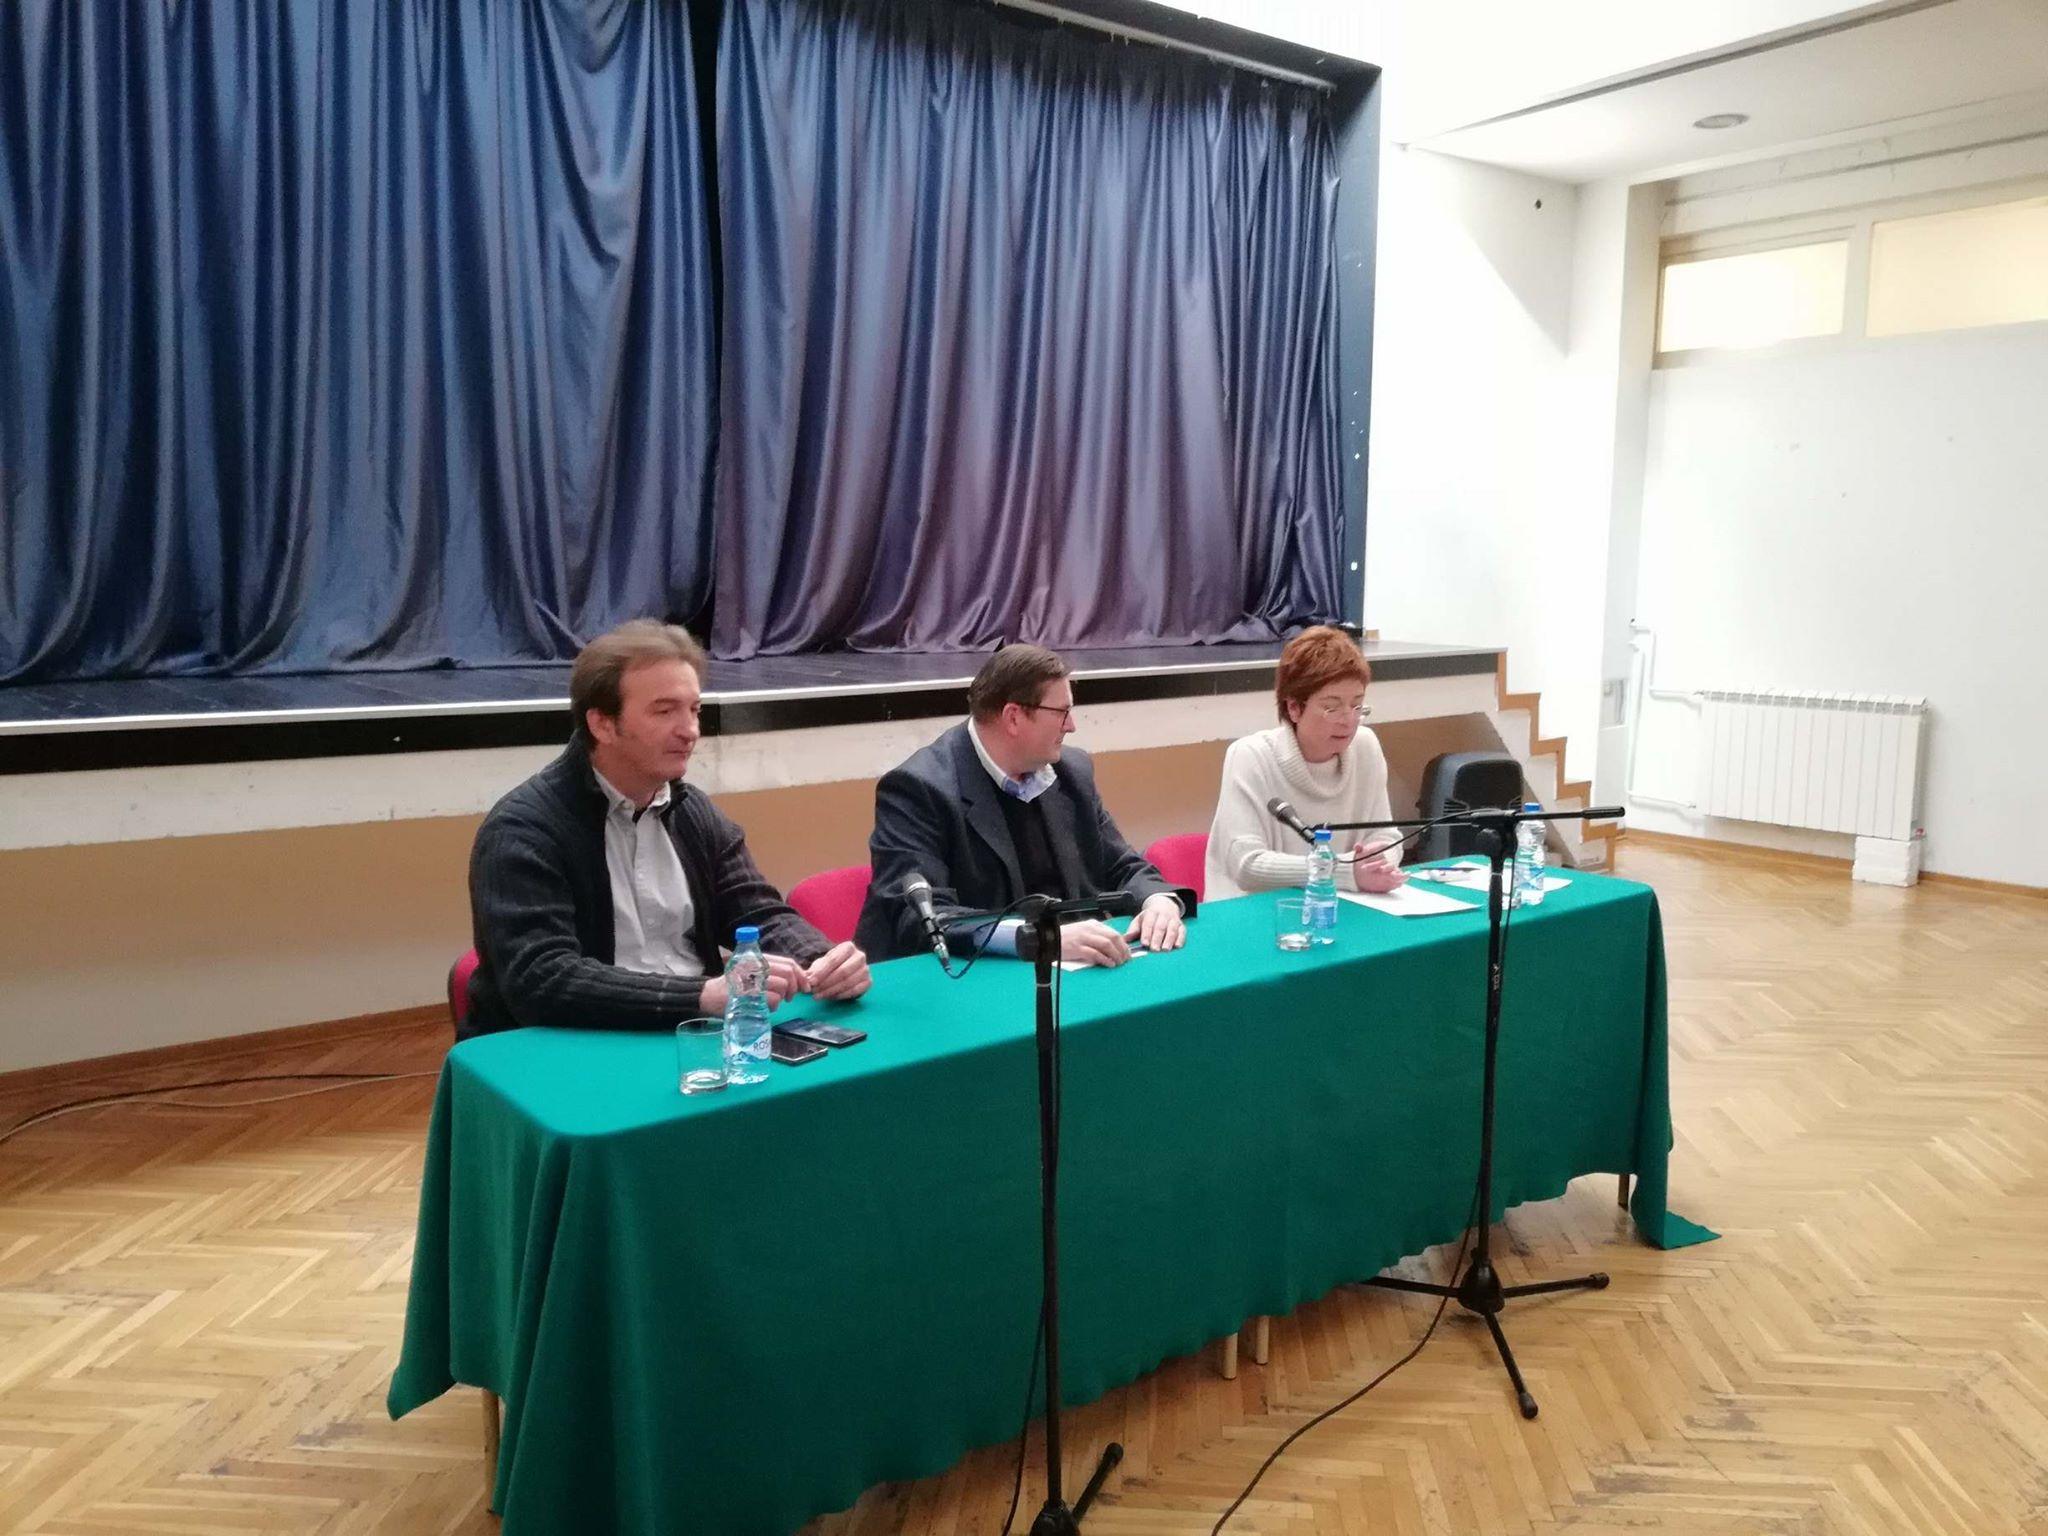 Potpisivanje sporazuma o saradnji između Akademije umjetnosti Novi Sad i agencije Apriori World